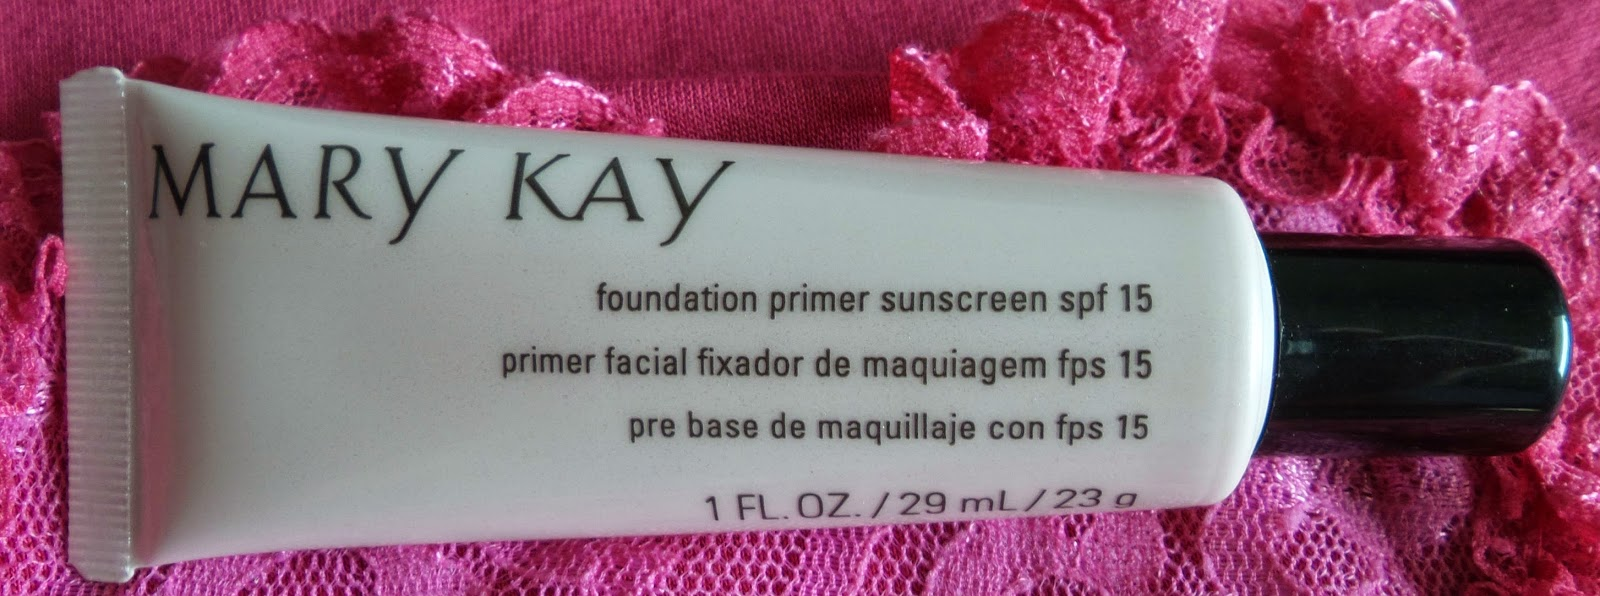 Primer Para o rosto Mary Kay